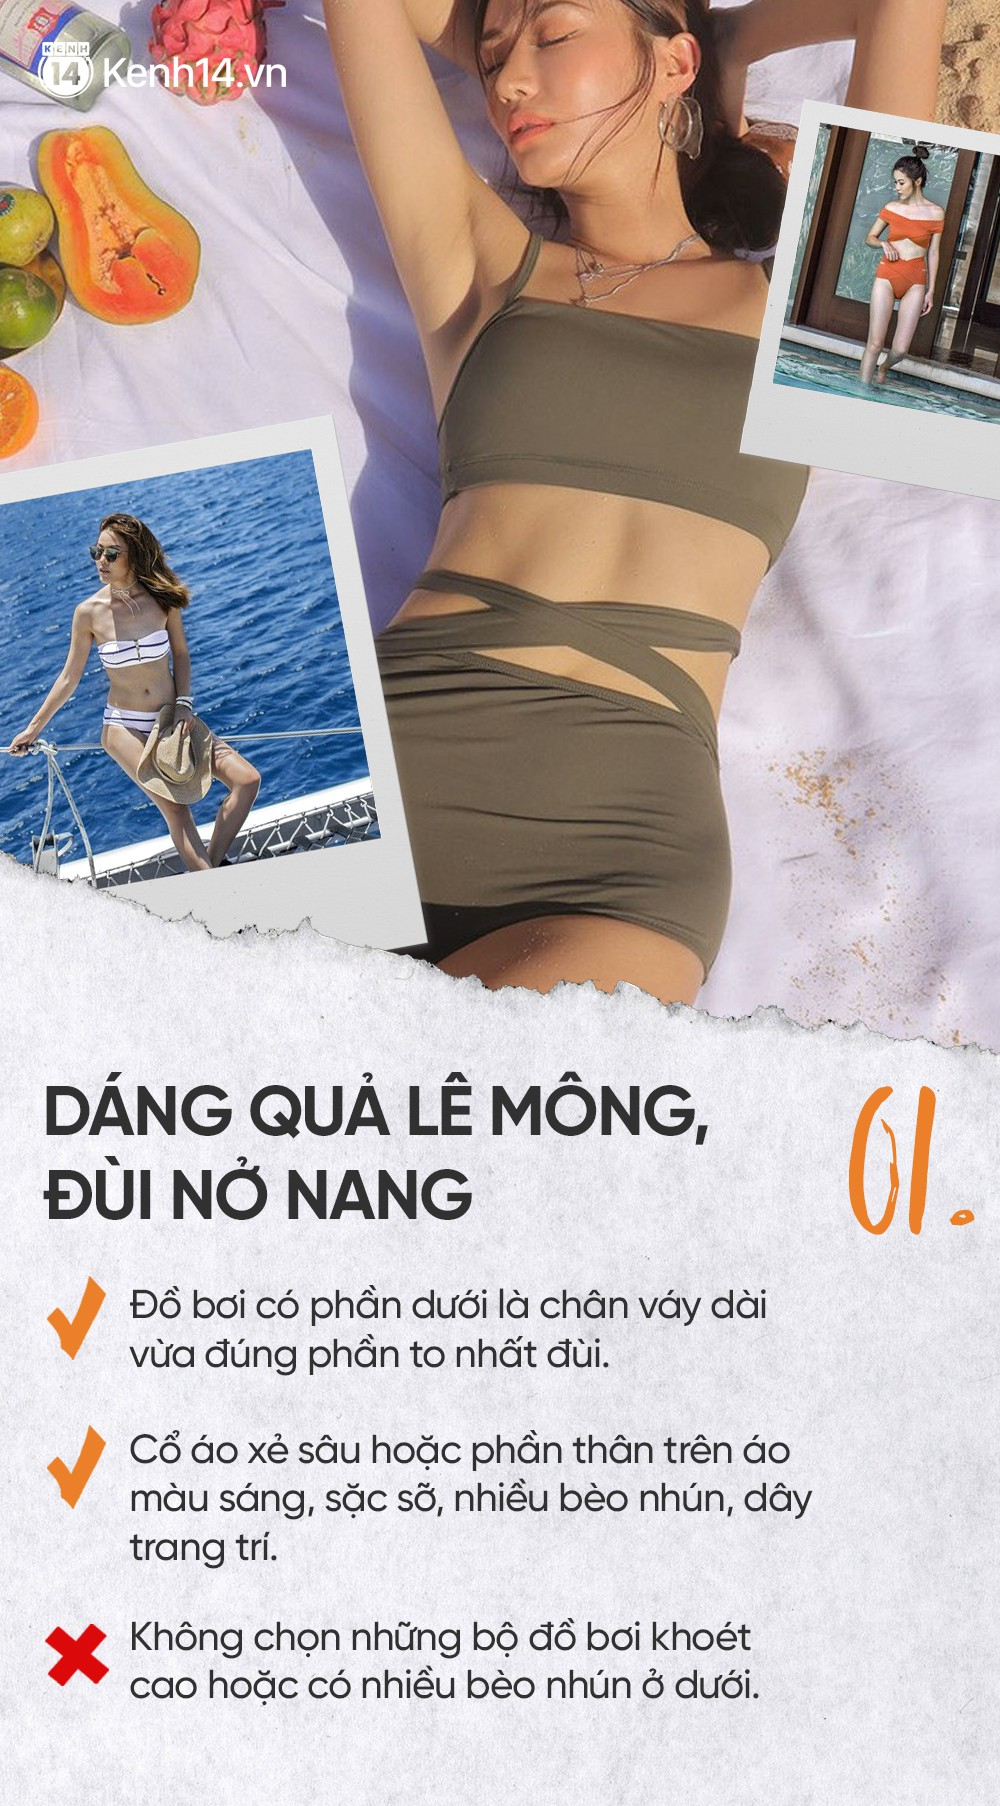 Trọn bộ bí kíp chọn đồ bơi giúp bạn thoải mái sống ảo mà không lo về dáng - Ảnh 4.